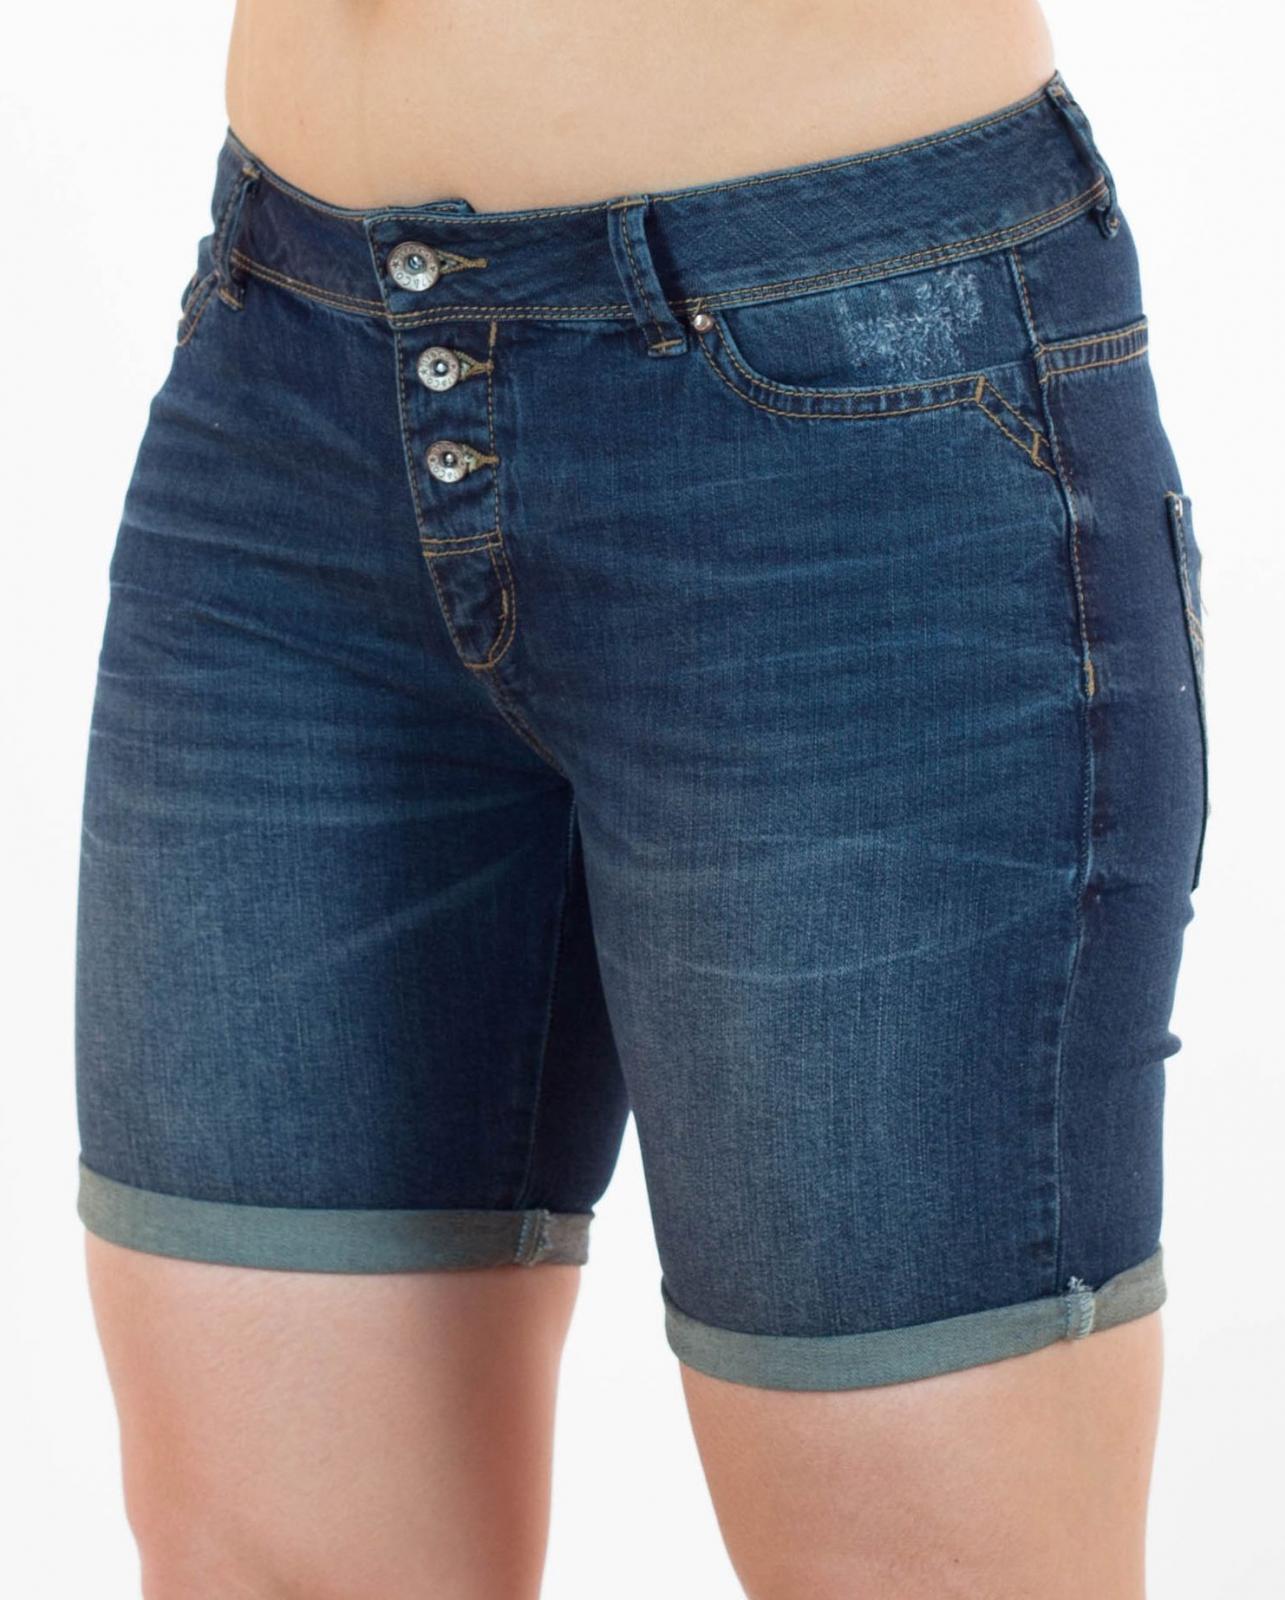 Купить женские шорты в Новороссийске